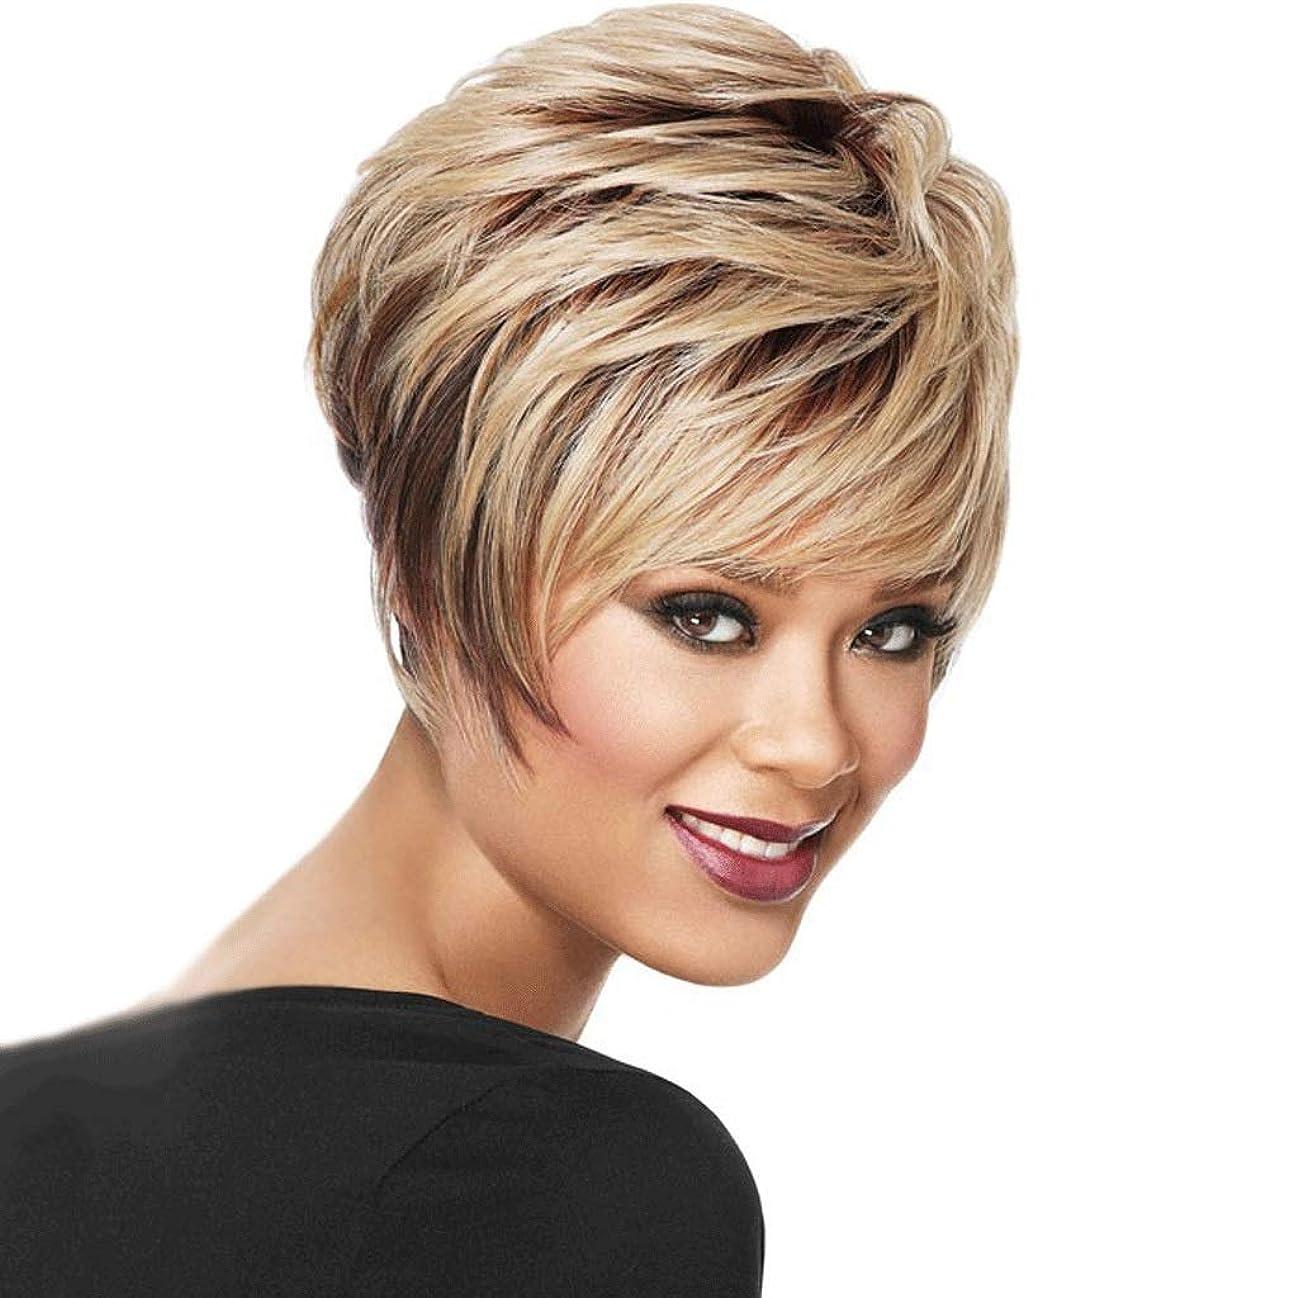 風ミス上記の頭と肩女性のための短い巻き毛の黒い根のブロンドのかつら、耐熱性合成毛/ 150%密度柔らかい/通気性 (色 : Blond)